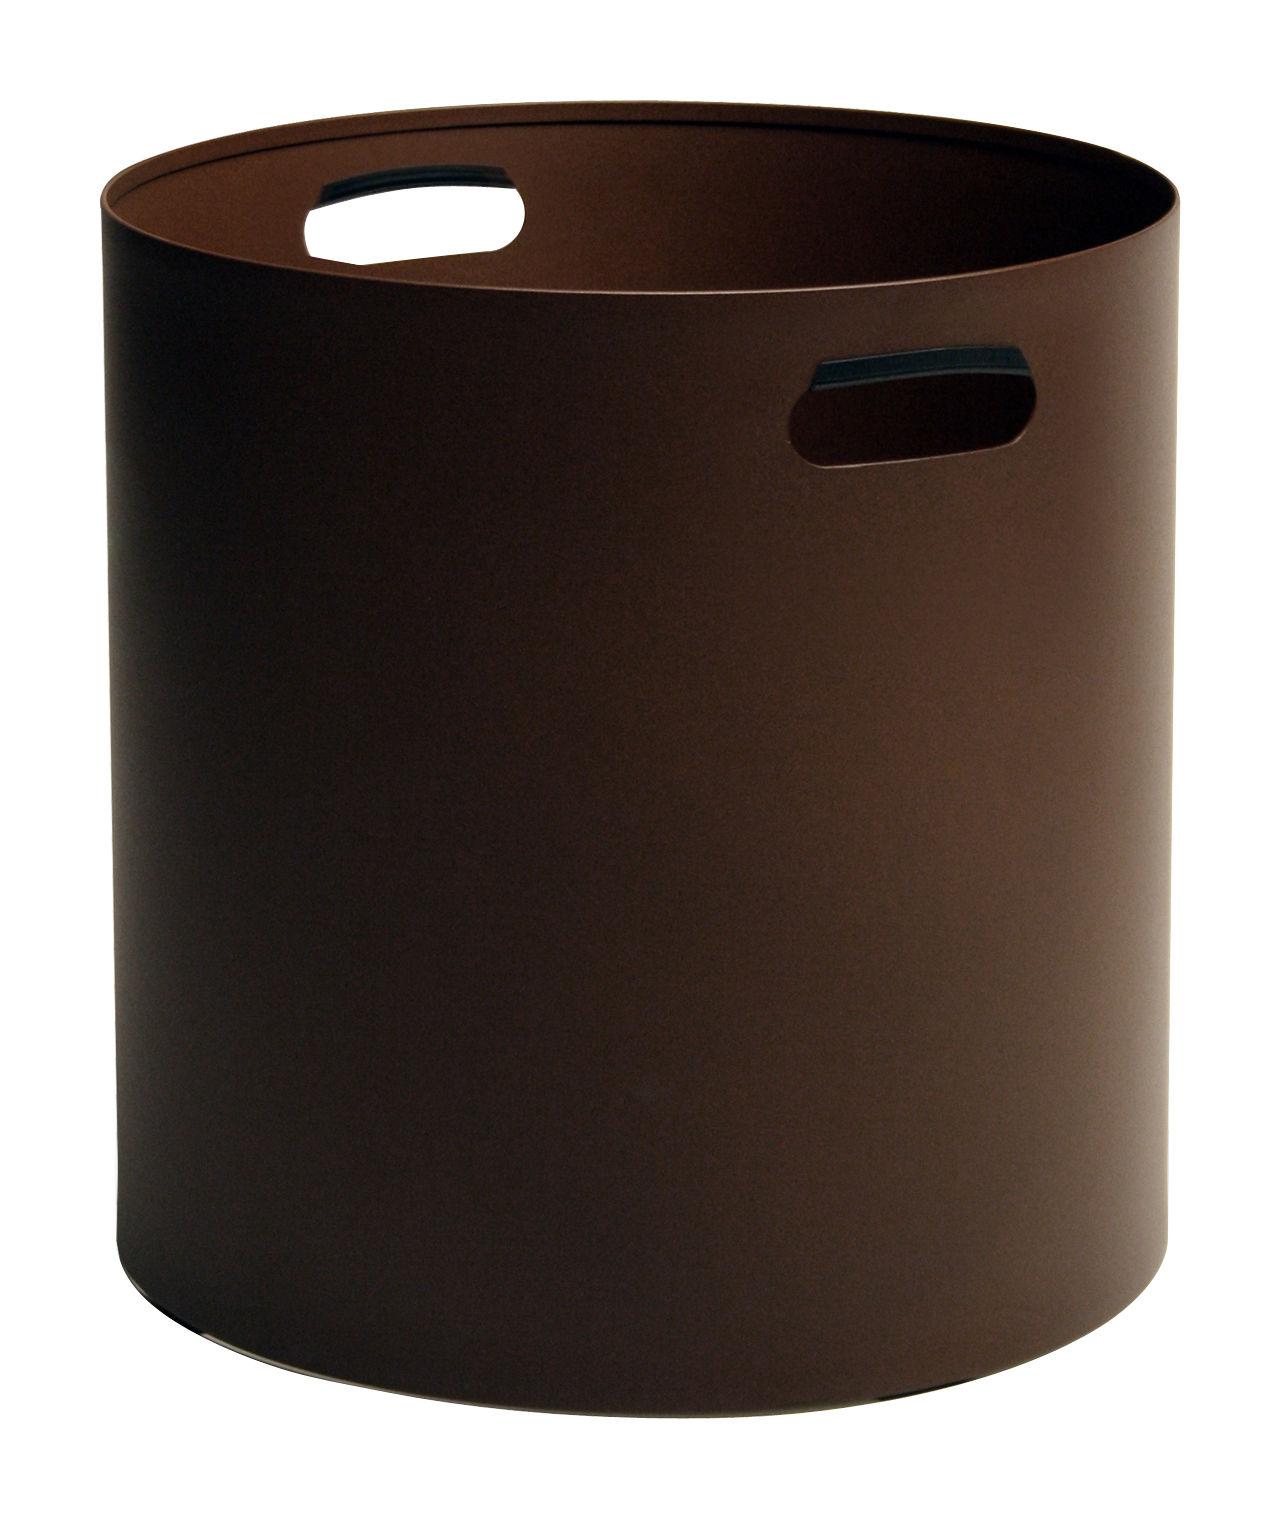 Outdoor - Töpfe und Pflanzen - Rusty Übertopf - Ø 48 cm - Zeus - Rost - verzinkter Stahl